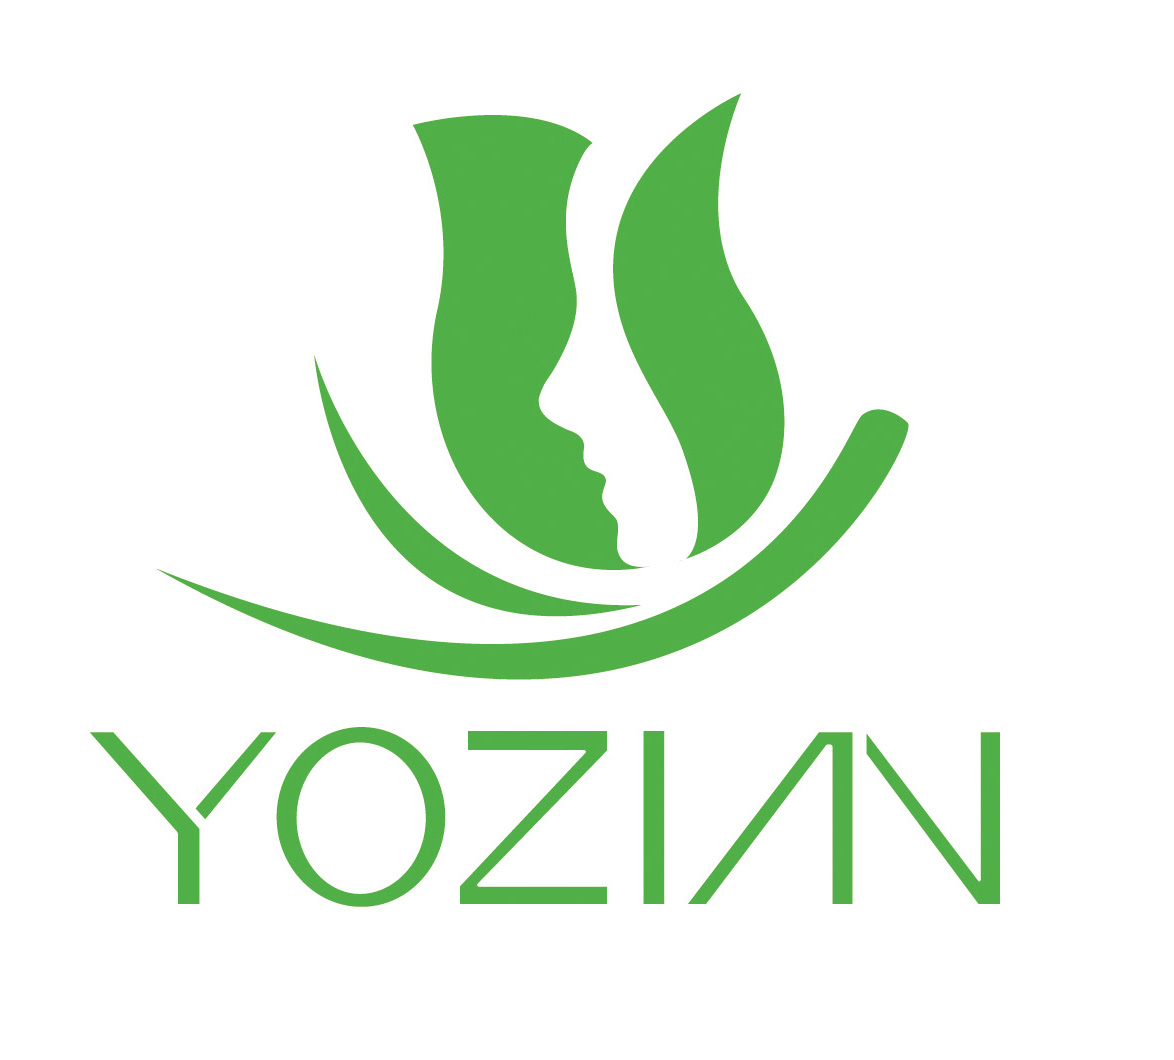 稻田秋 logo图片